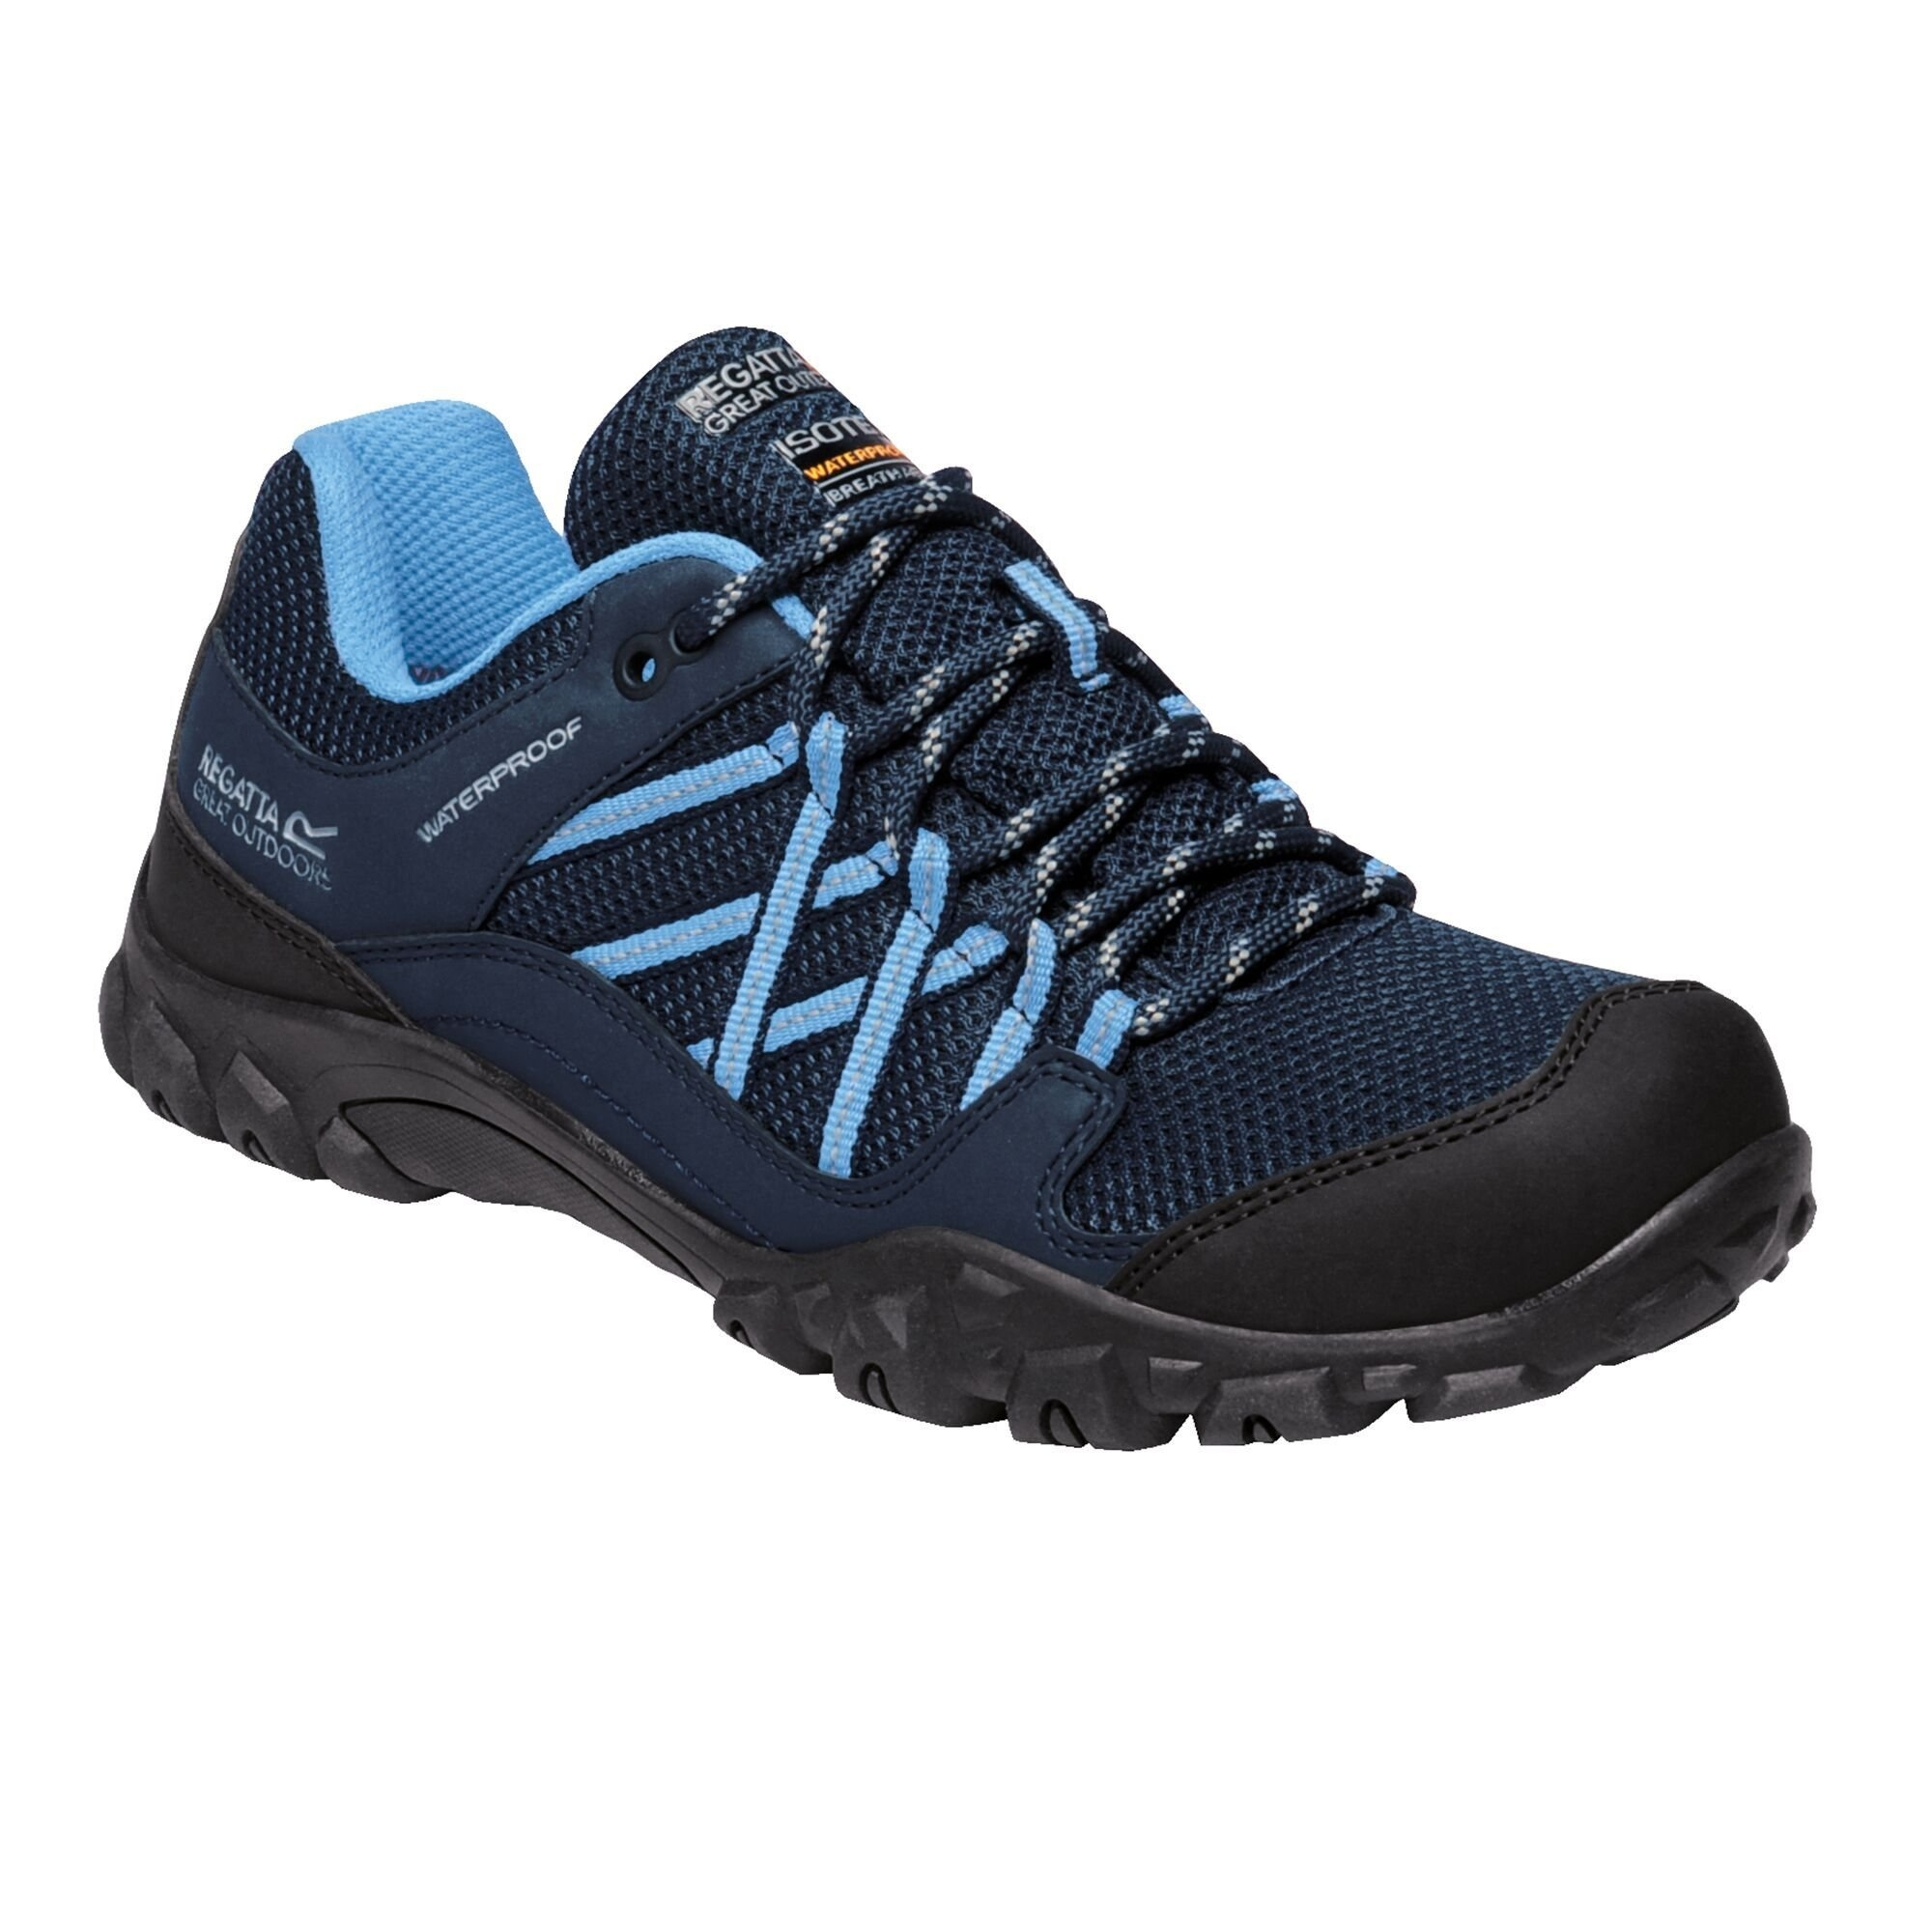 Regatta wandelschoenen »Damen Edgepoint III e« bij OTTO online kopen